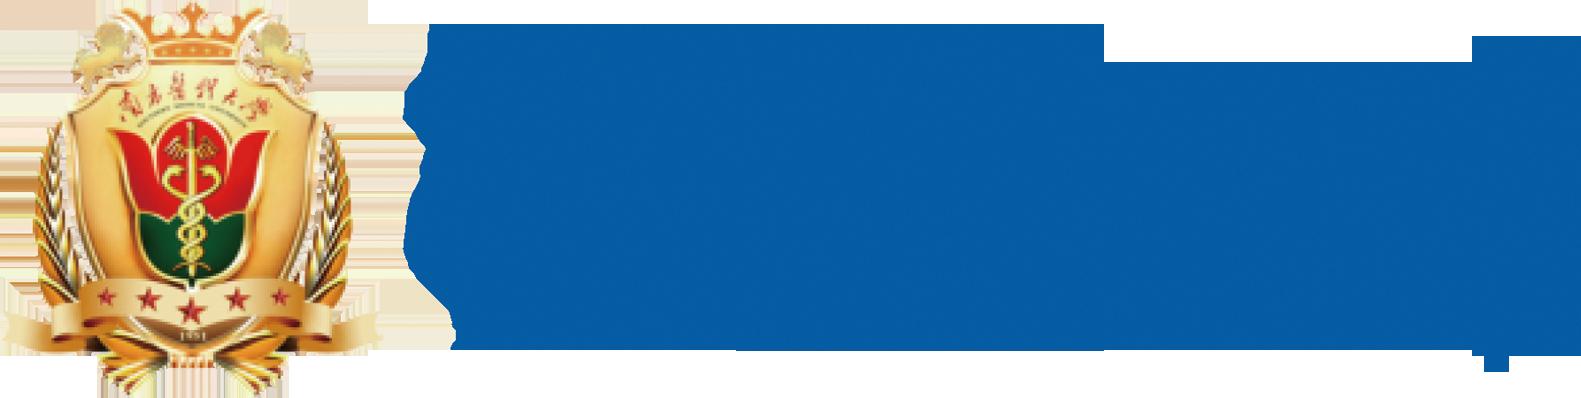 南方医科大学logo